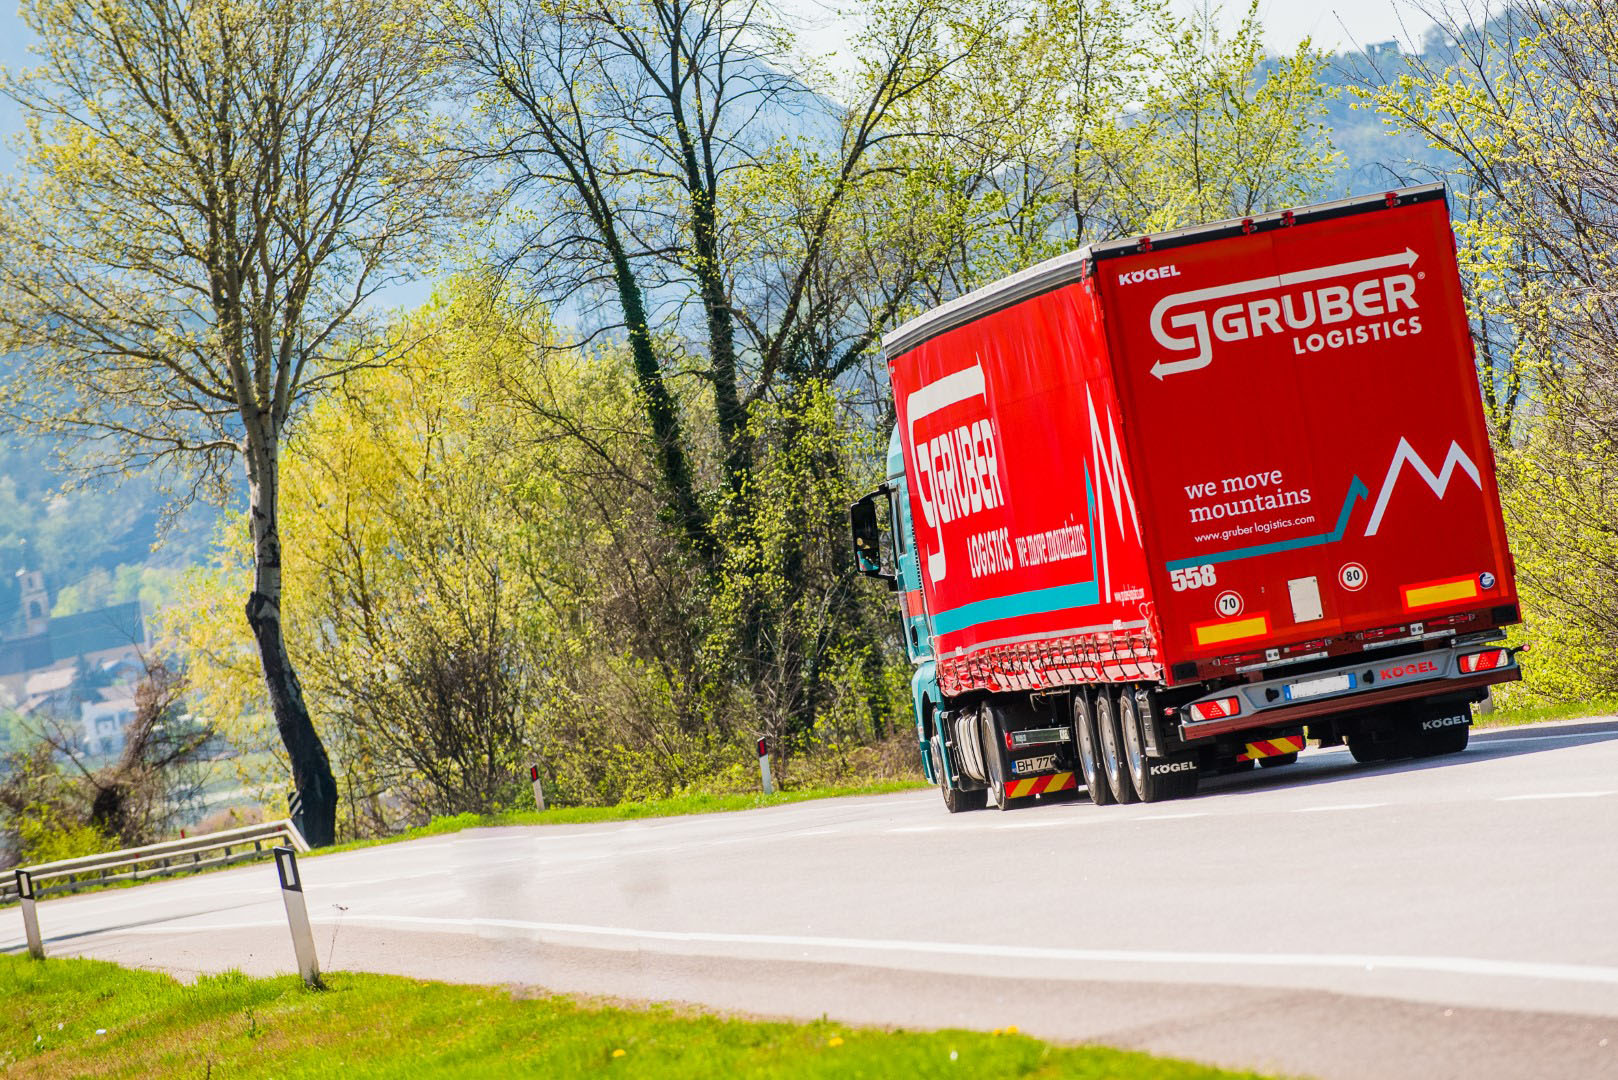 1321 NewTautliner schief 1 - FTL - Full truck loads